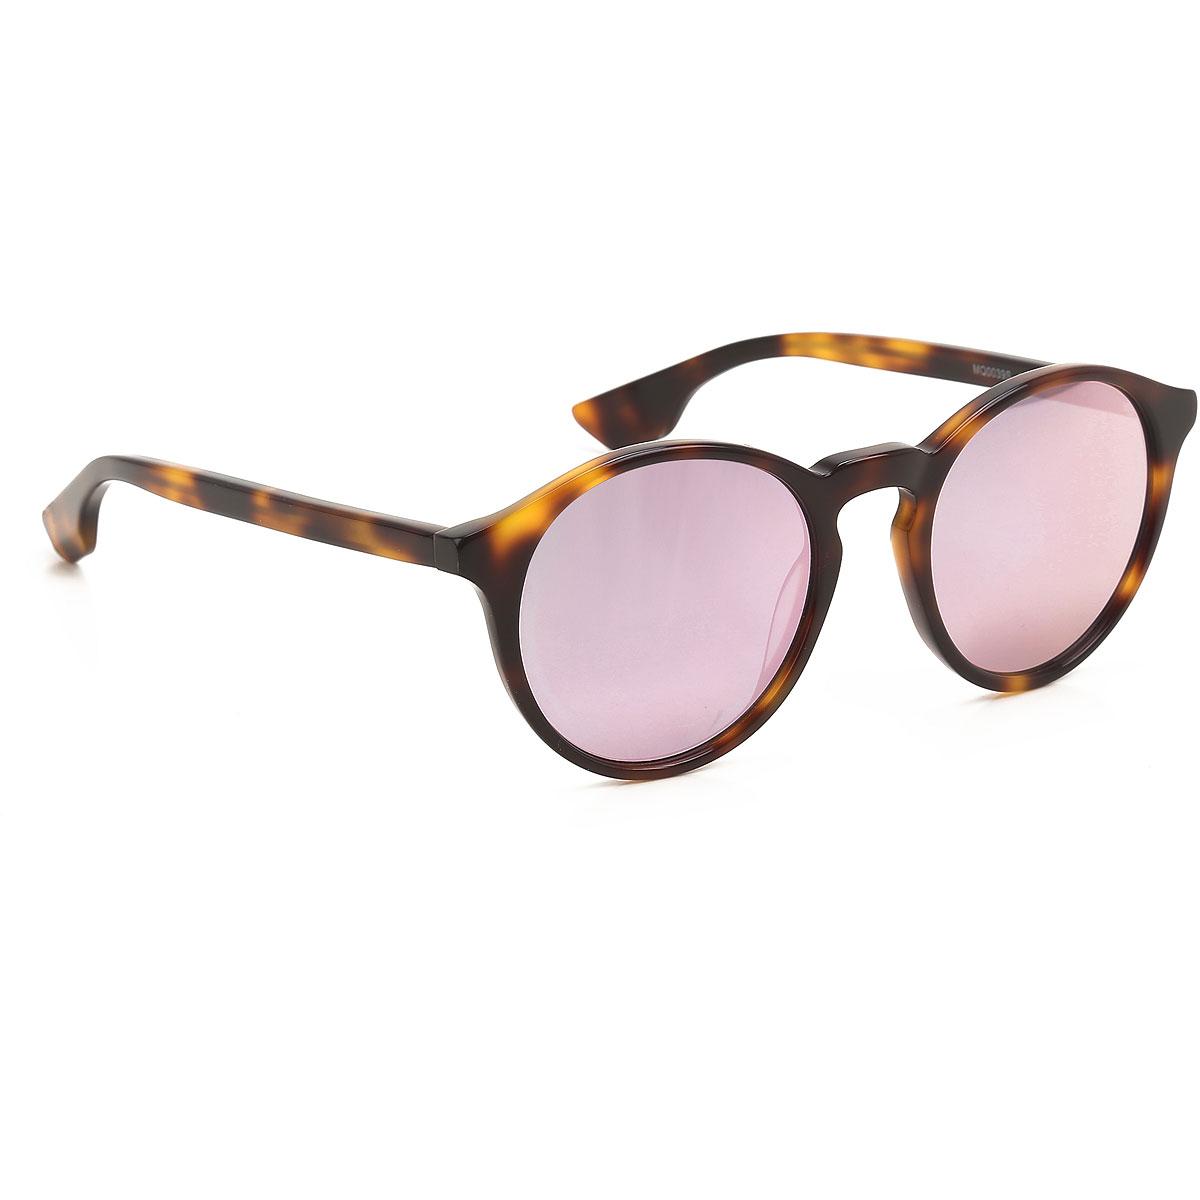 Alexander McQueen McQ Sunglasses On Sale, Havana, 2019